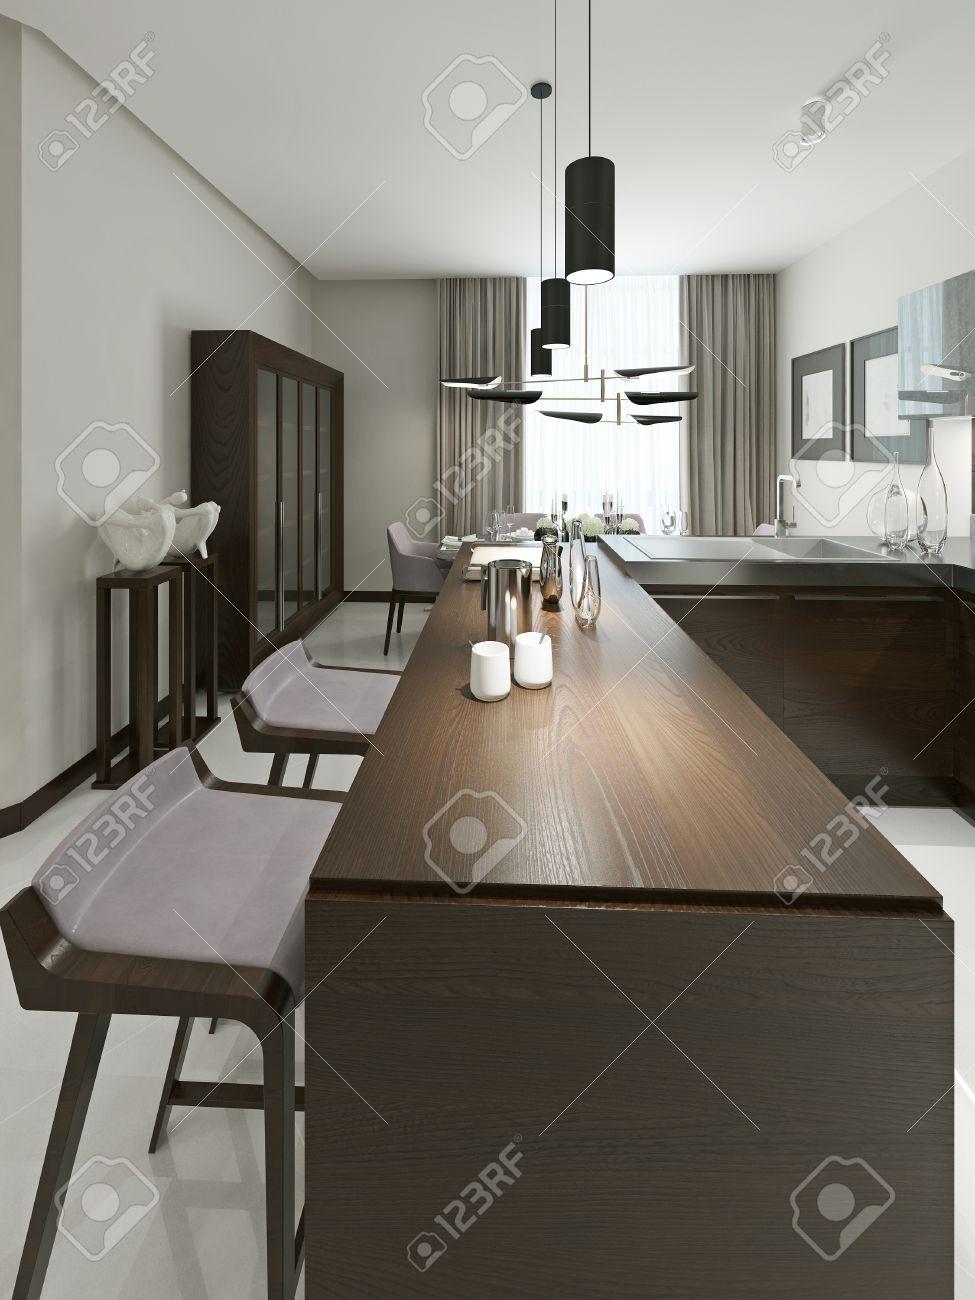 Cocina Interior Contemporáneo Con Bar Y Taburetes De Bar. Muebles De ...